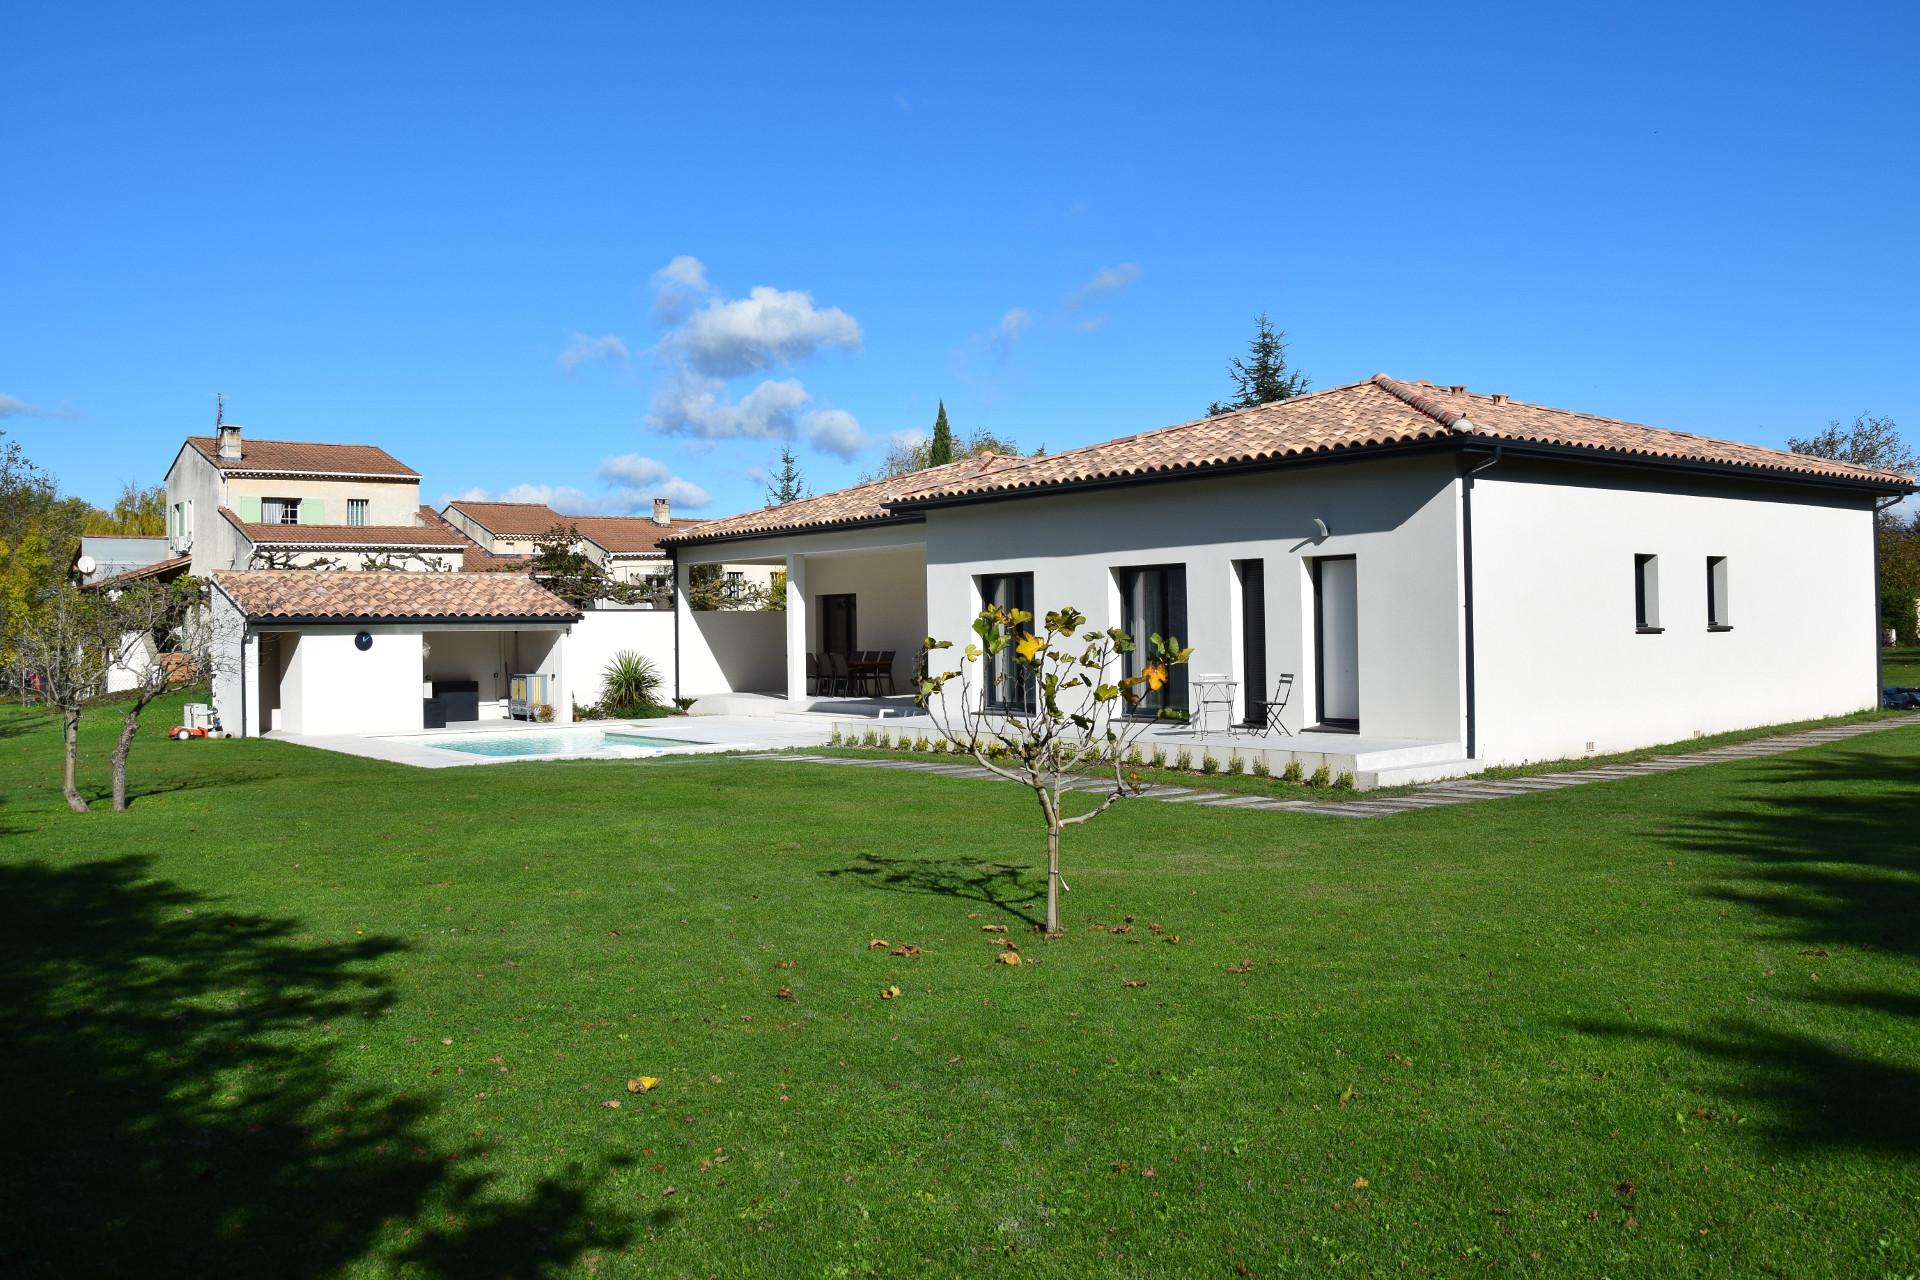 Villa chambres d'hôte Isle sur la Sorgue Vaucluse